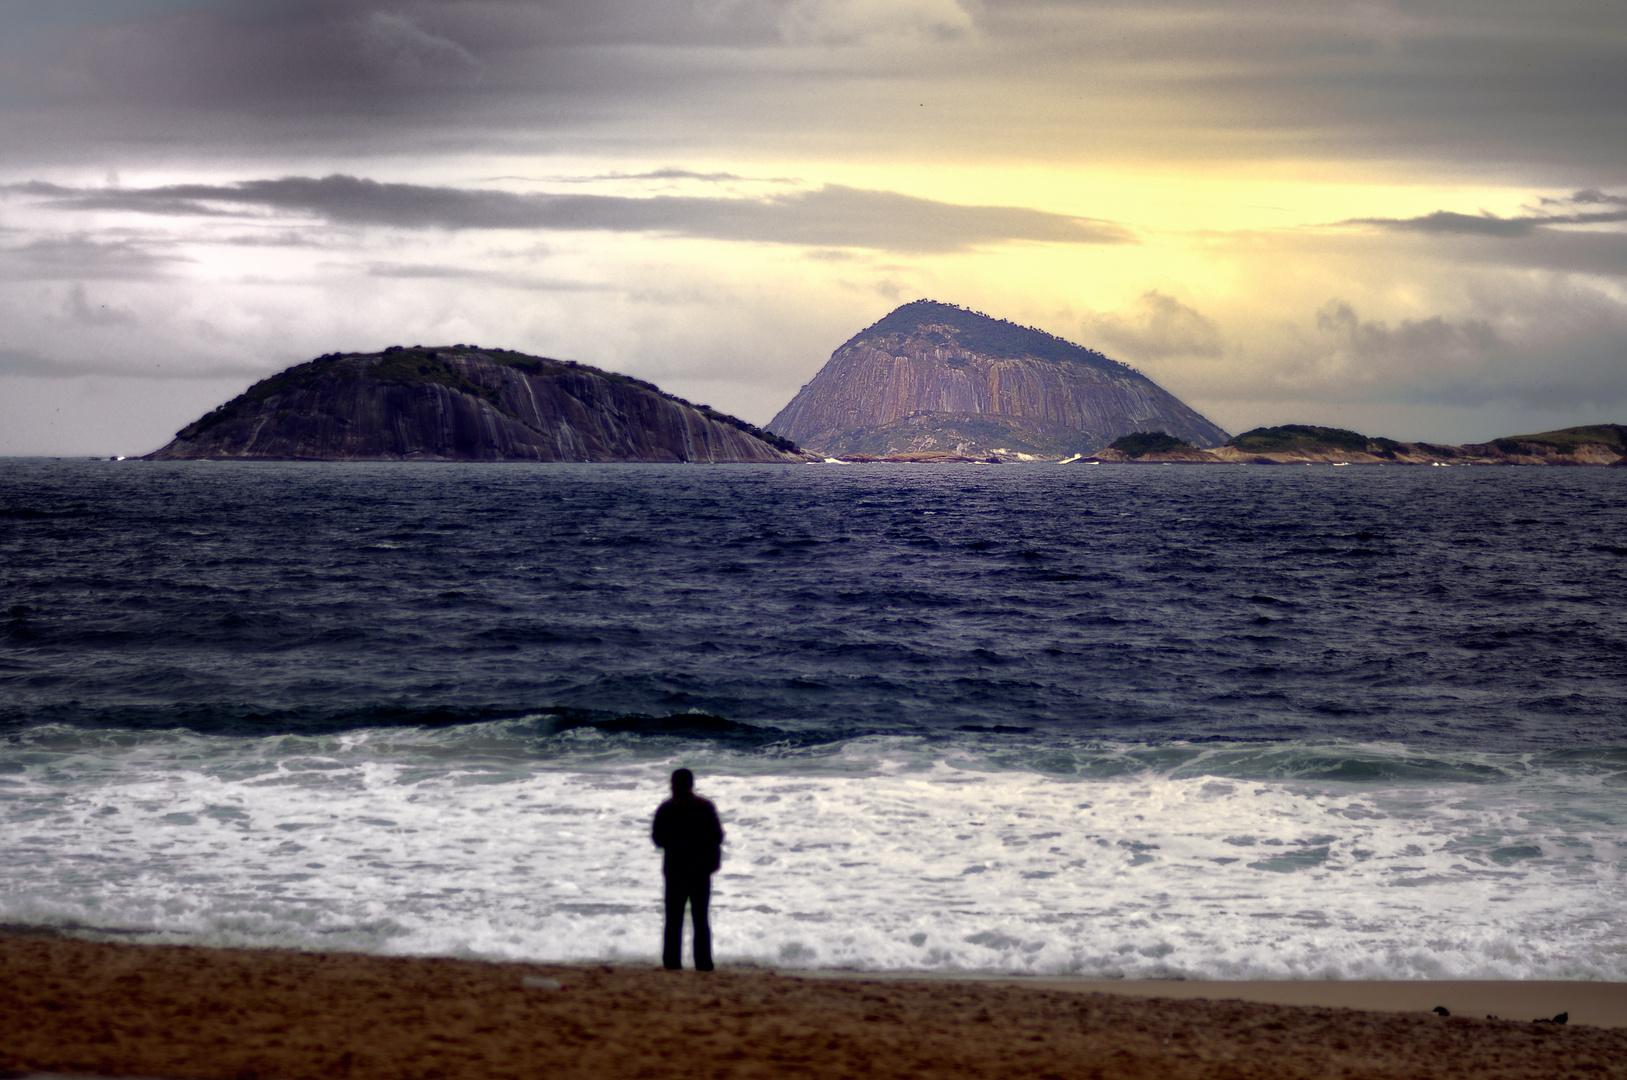 Rio im Winter - Mann und Fels